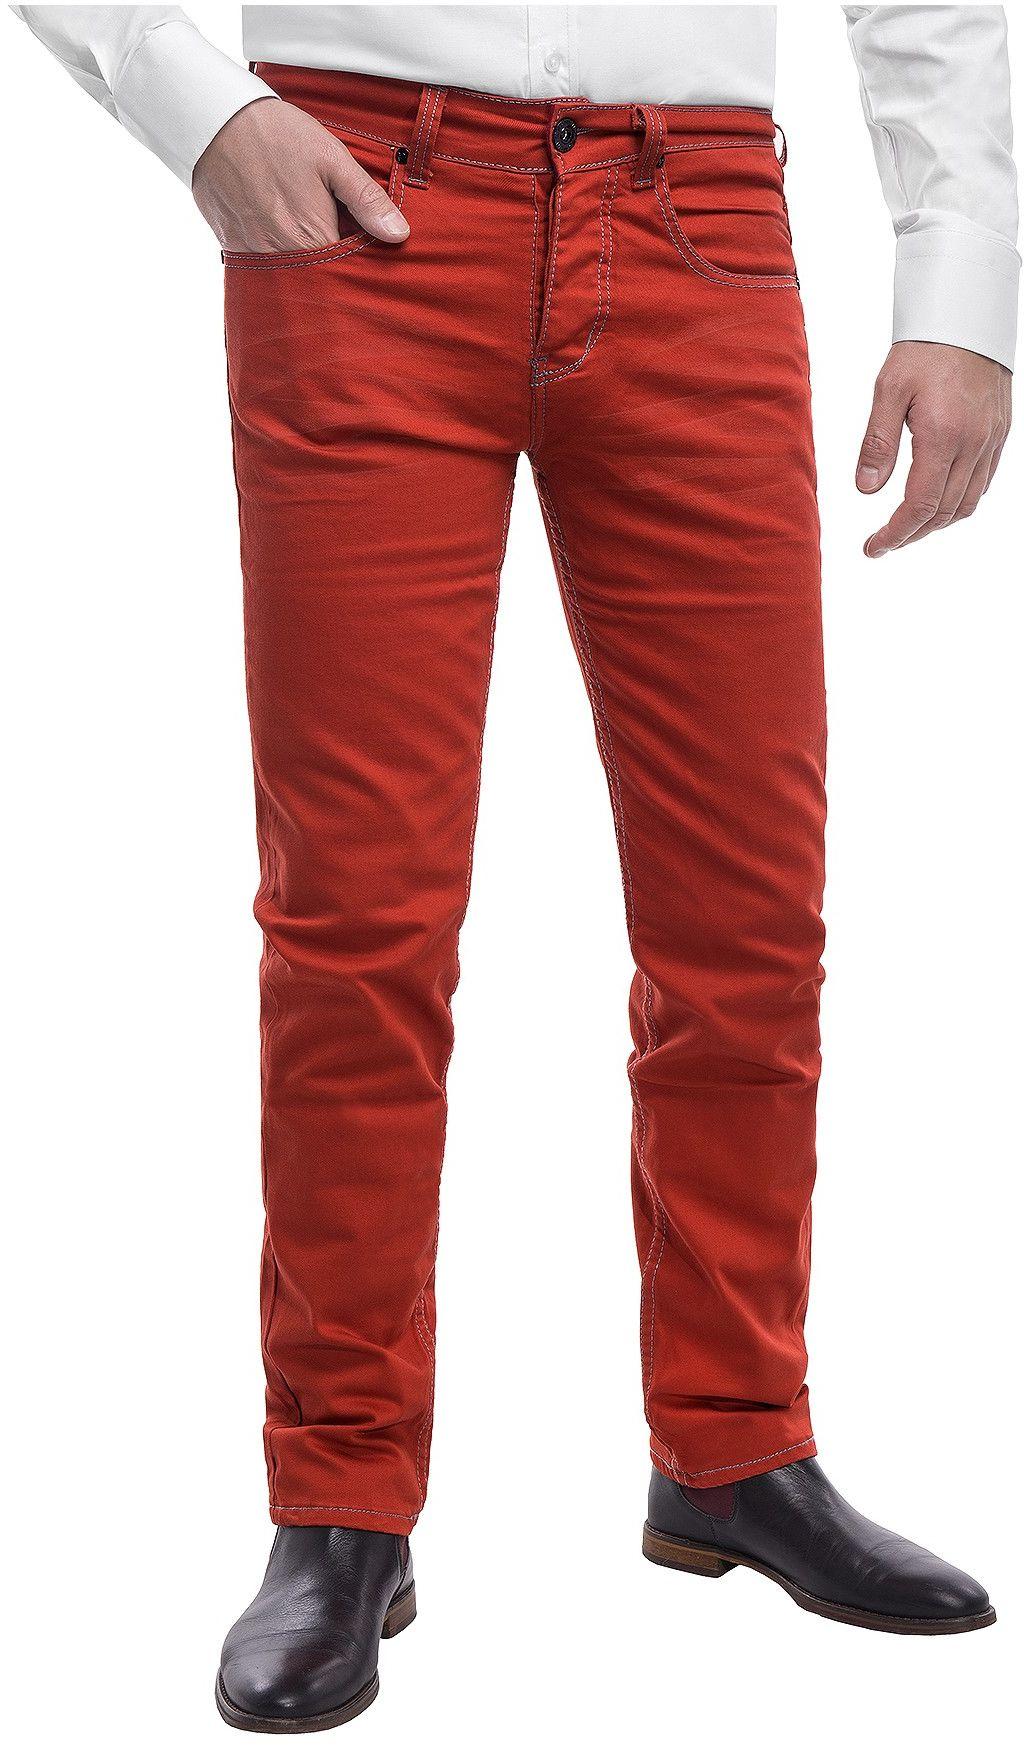 Spodnie męskie chinosy LZ116 -czerwony